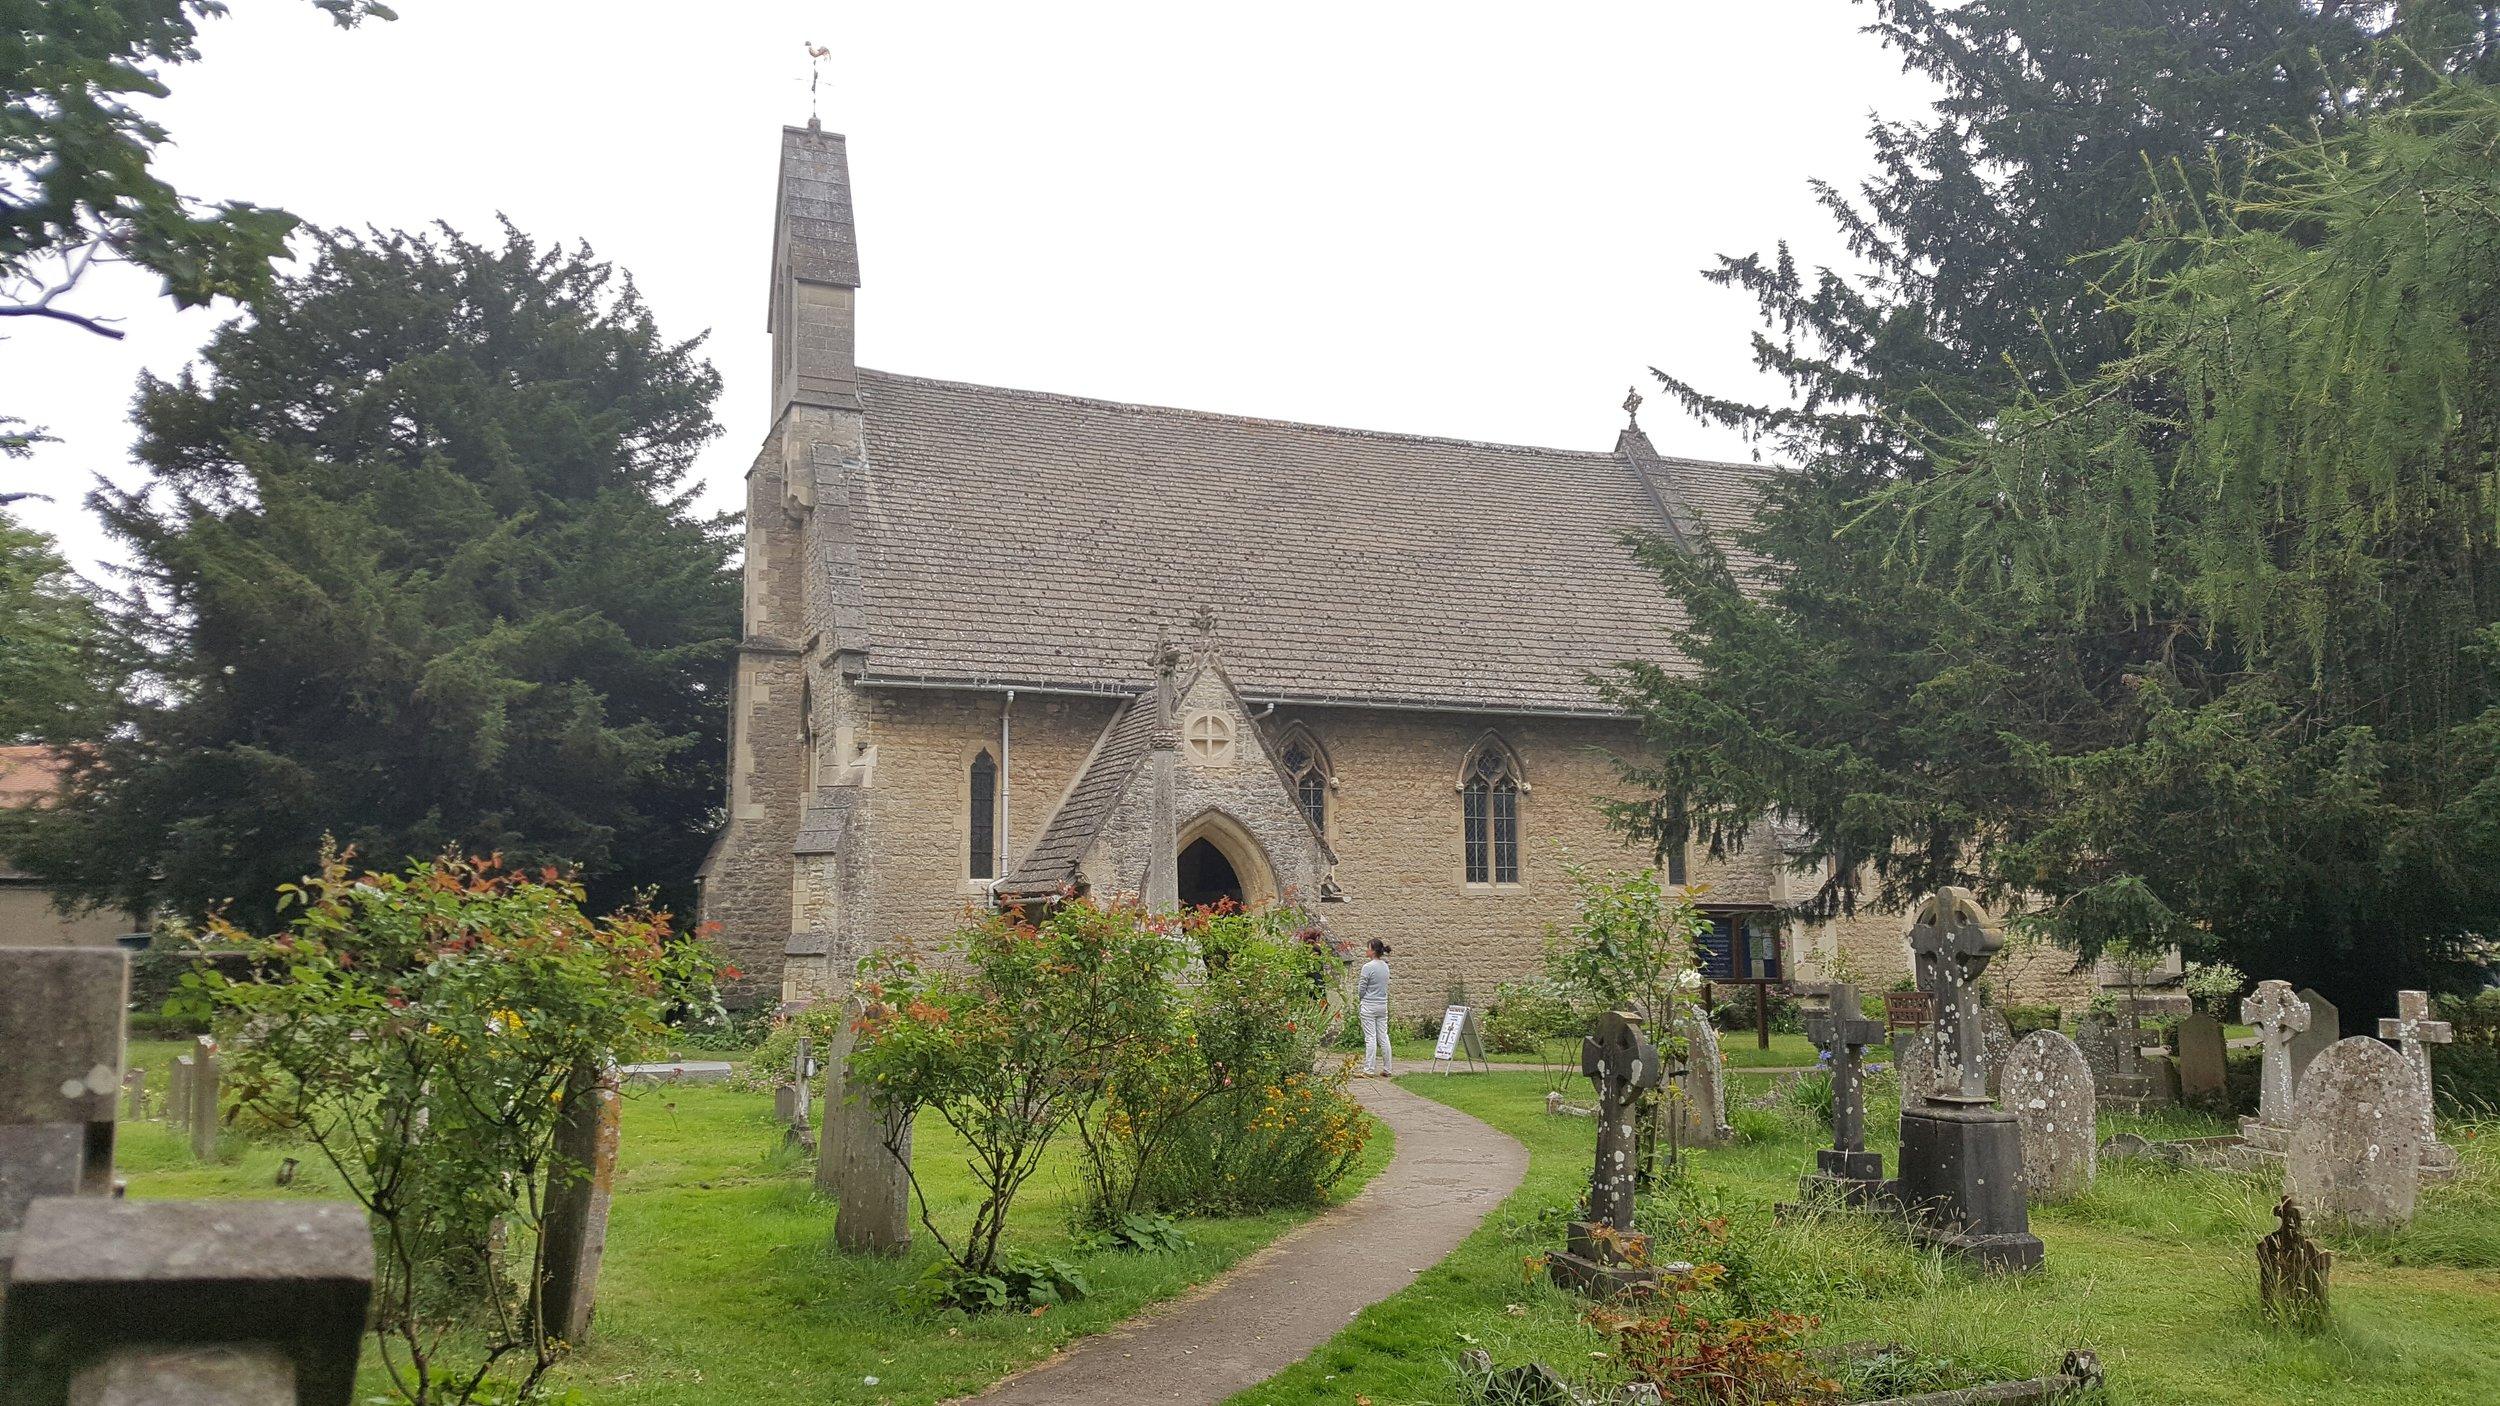 cs lewis church.jpg